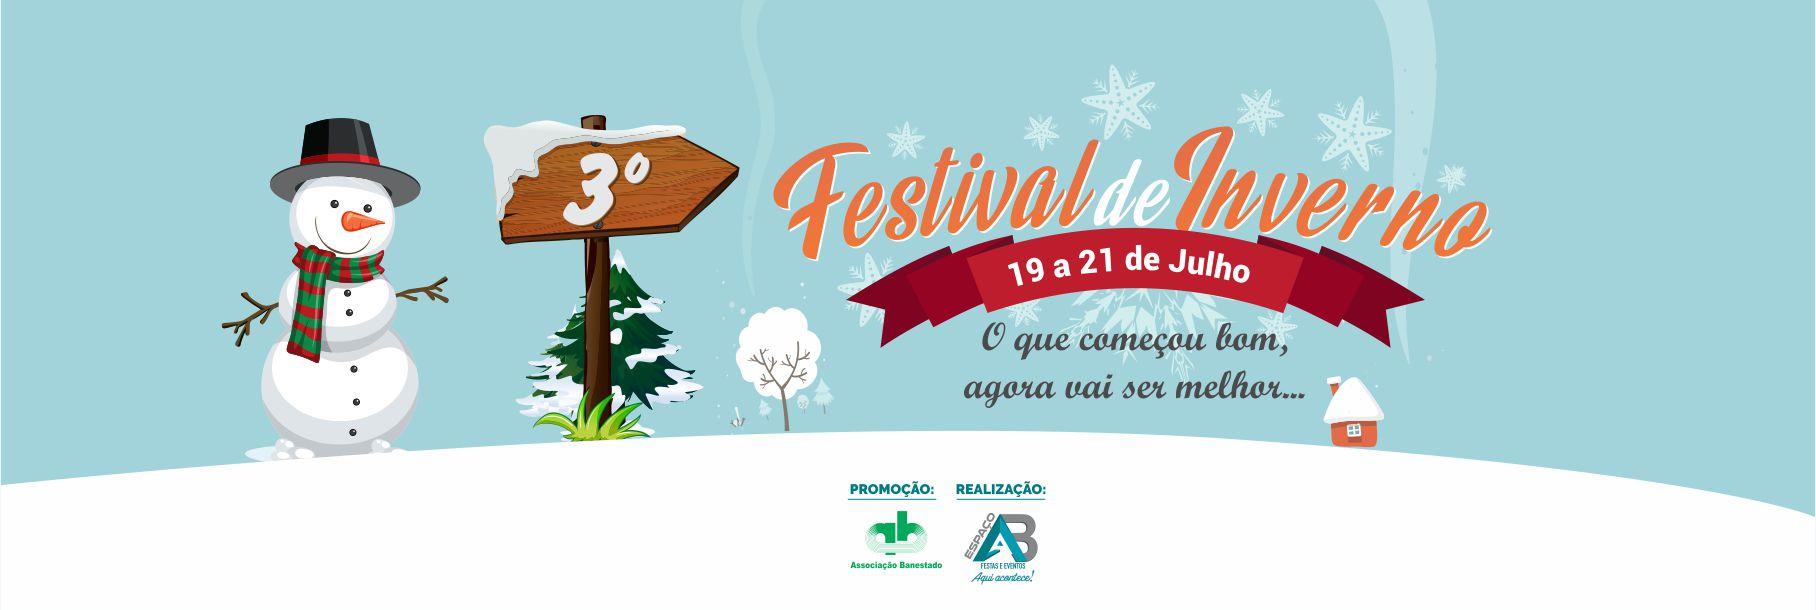 3º Festival de Inverno AB